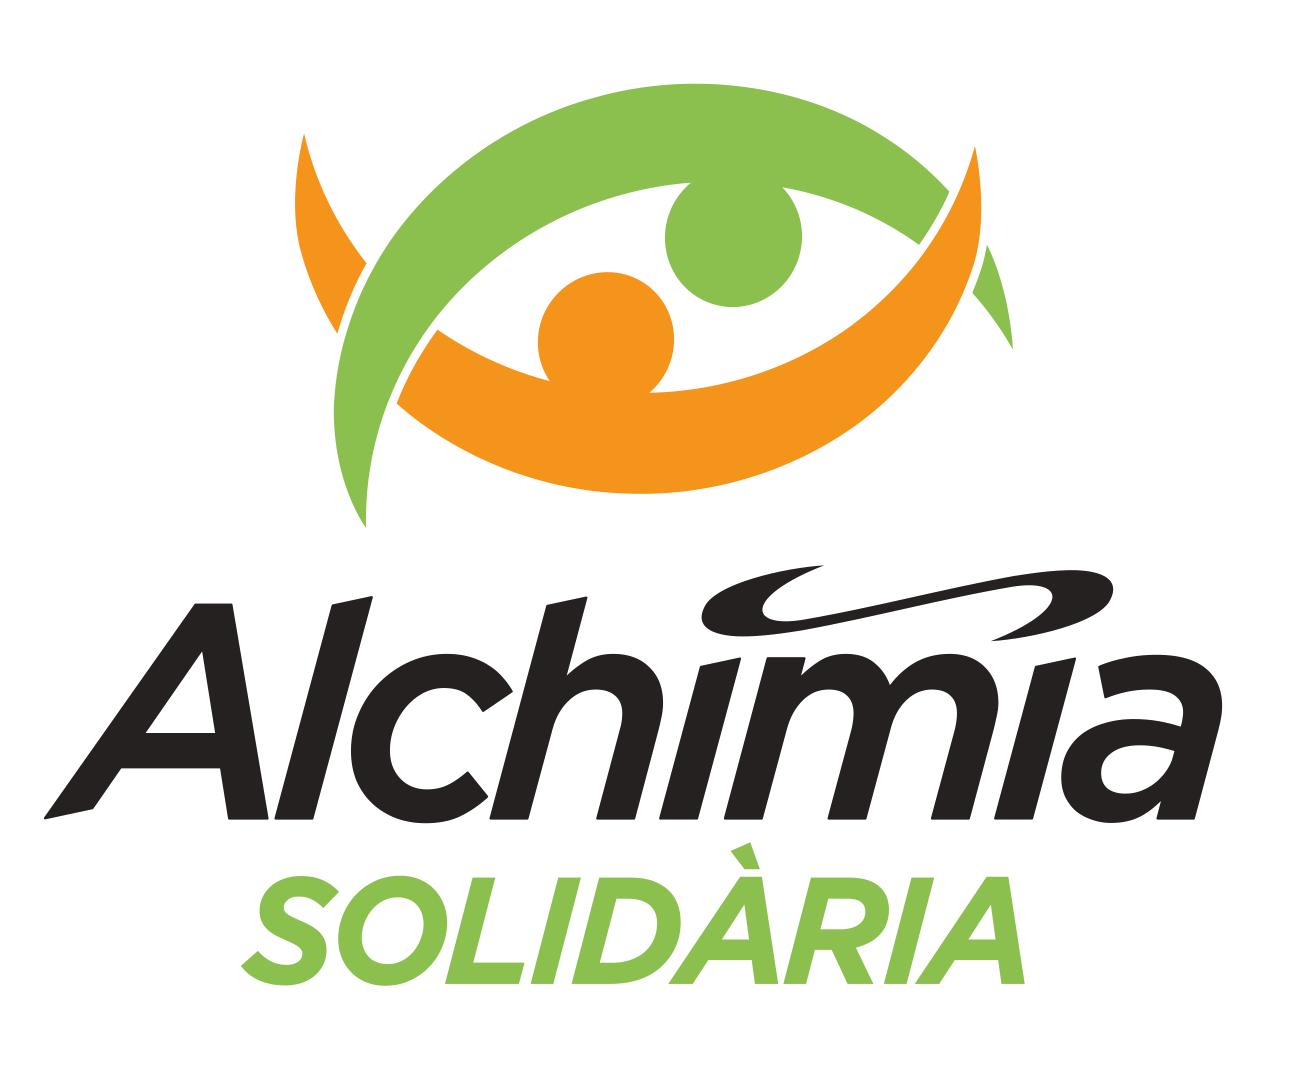 alchimia-solidaria-logo_transparent.png